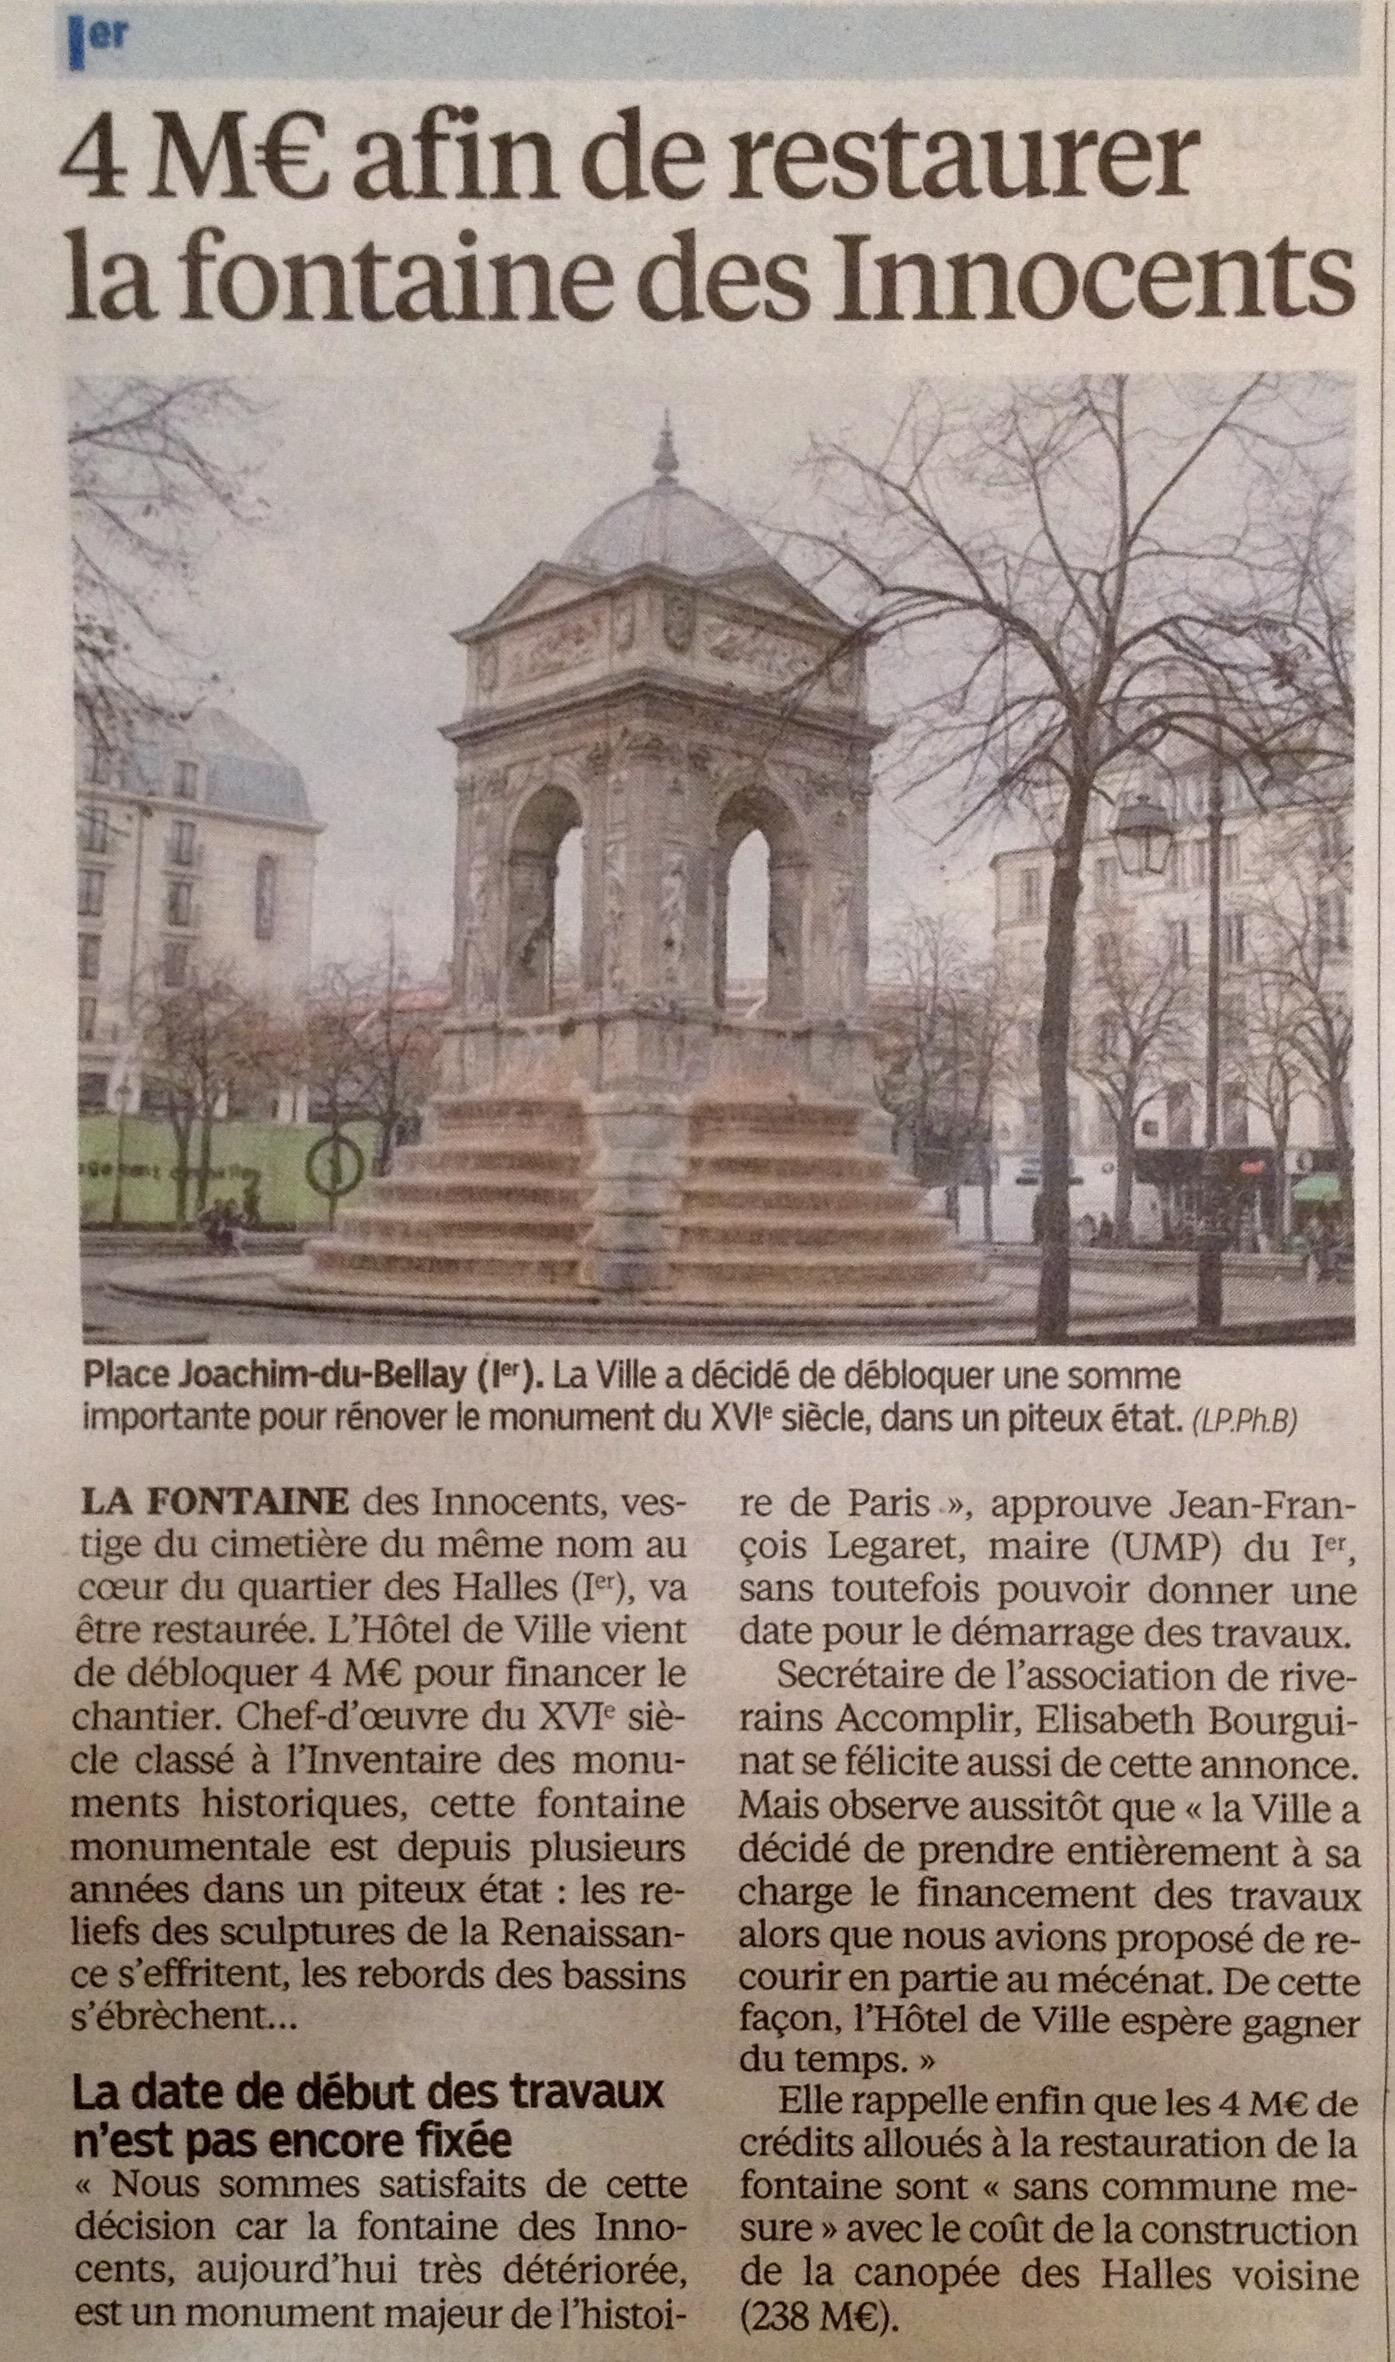 20150129_Le_Parisien_4M€_afin_restaurer_fontaine_Innocents